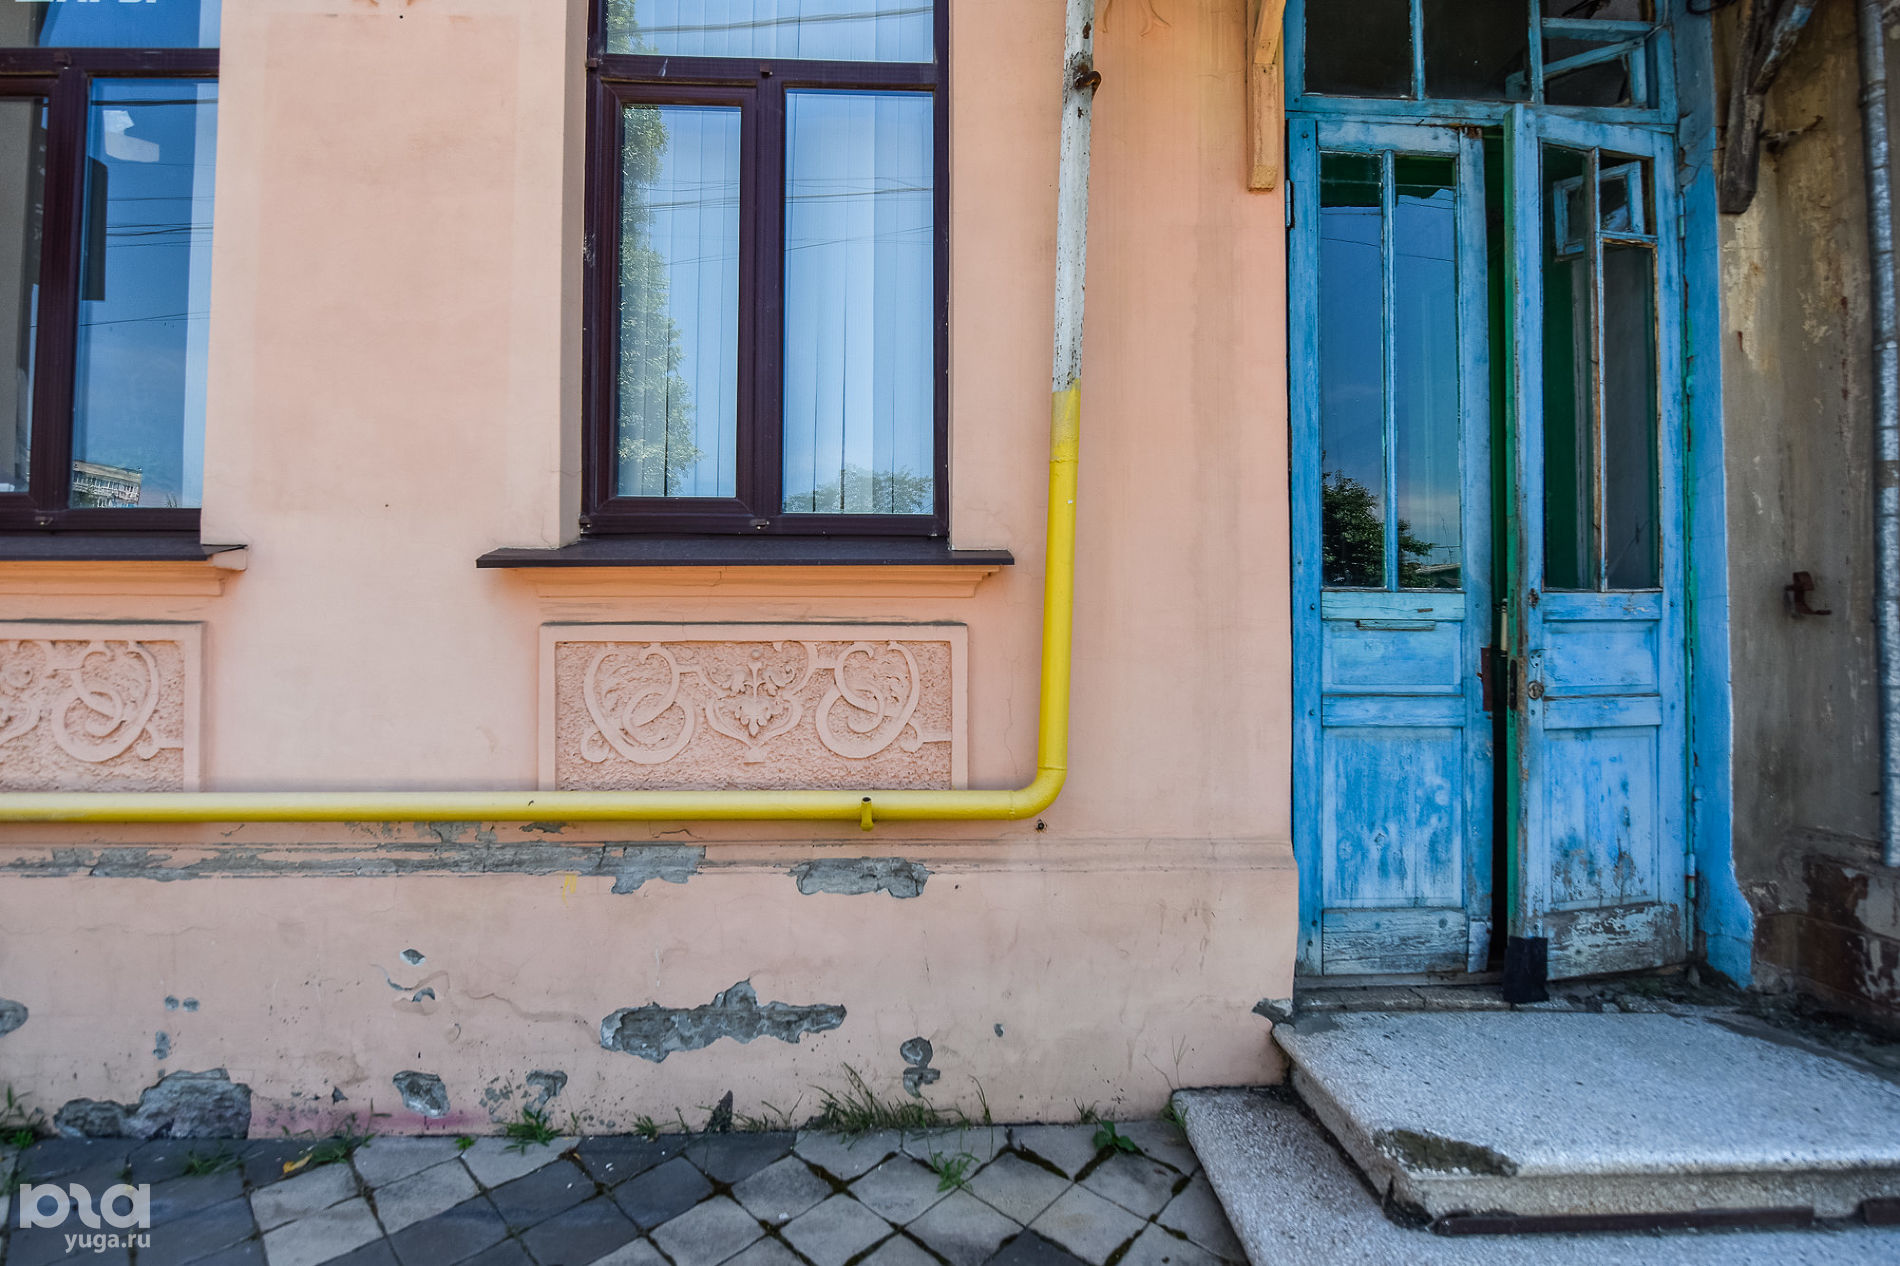 Кирова, 38. Дом жилой, начало XX в. ©Фото Елены Синеок, Юга.ру